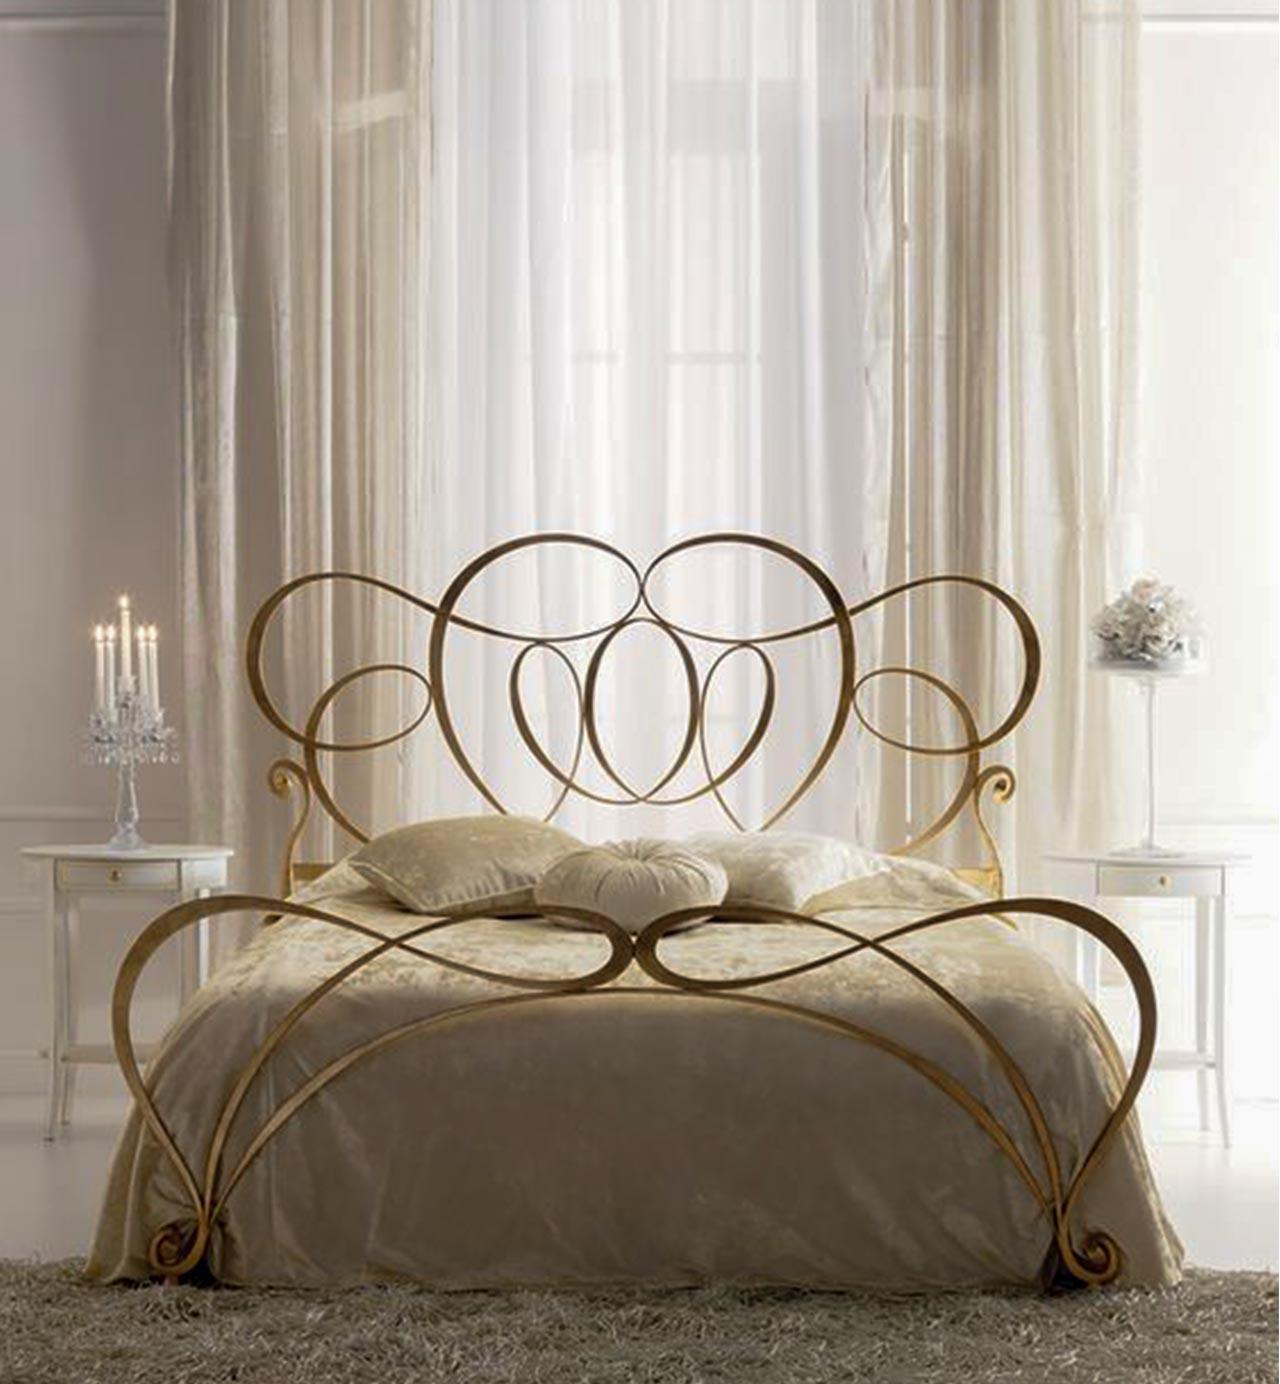 phong cách thiết kế nội thất art nouveau